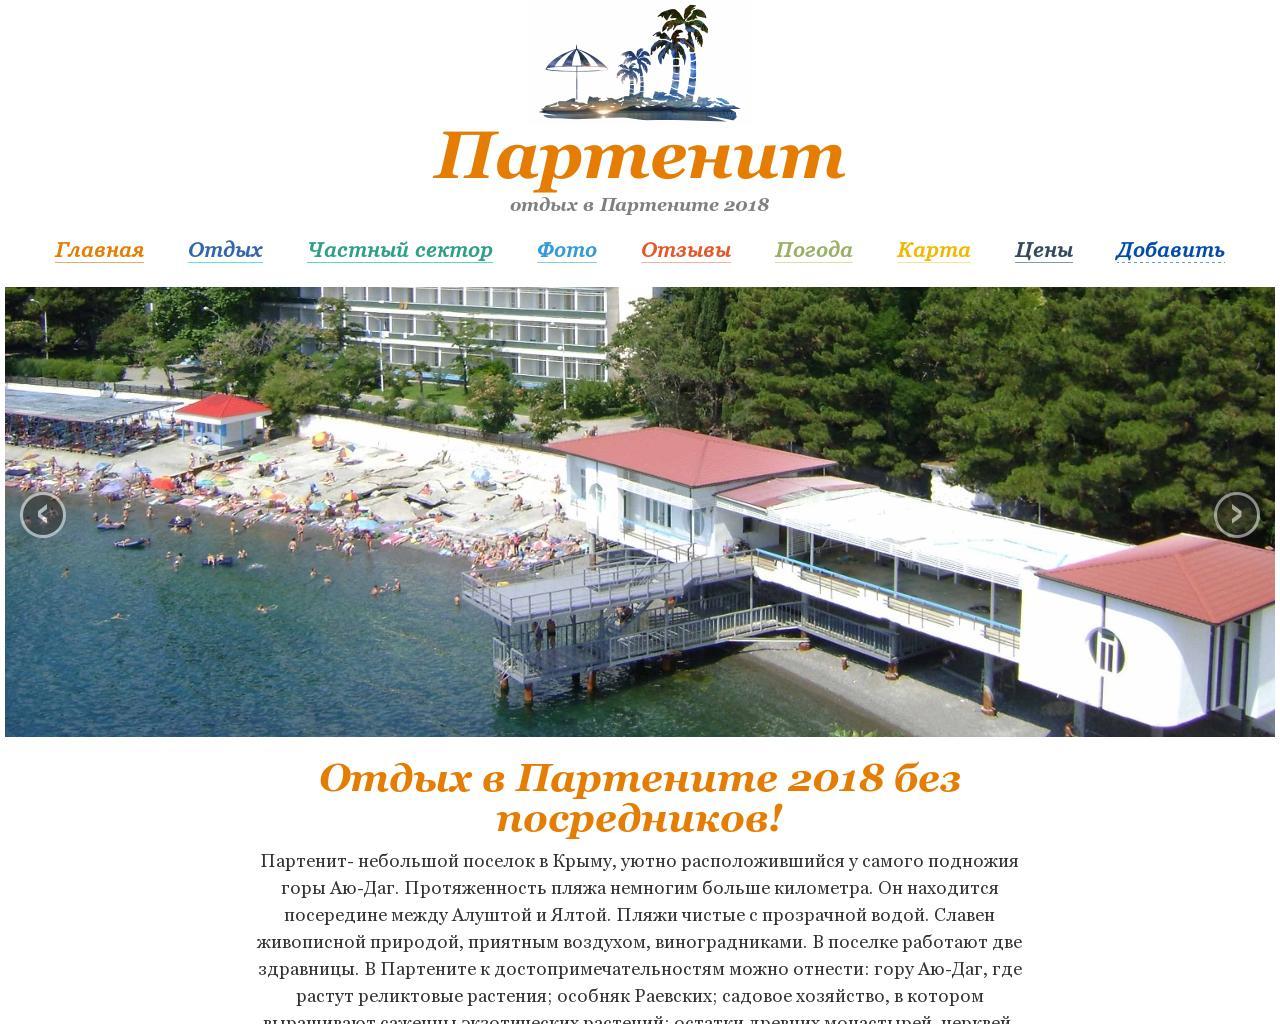 Пляжи партенит фото отзывы 2018